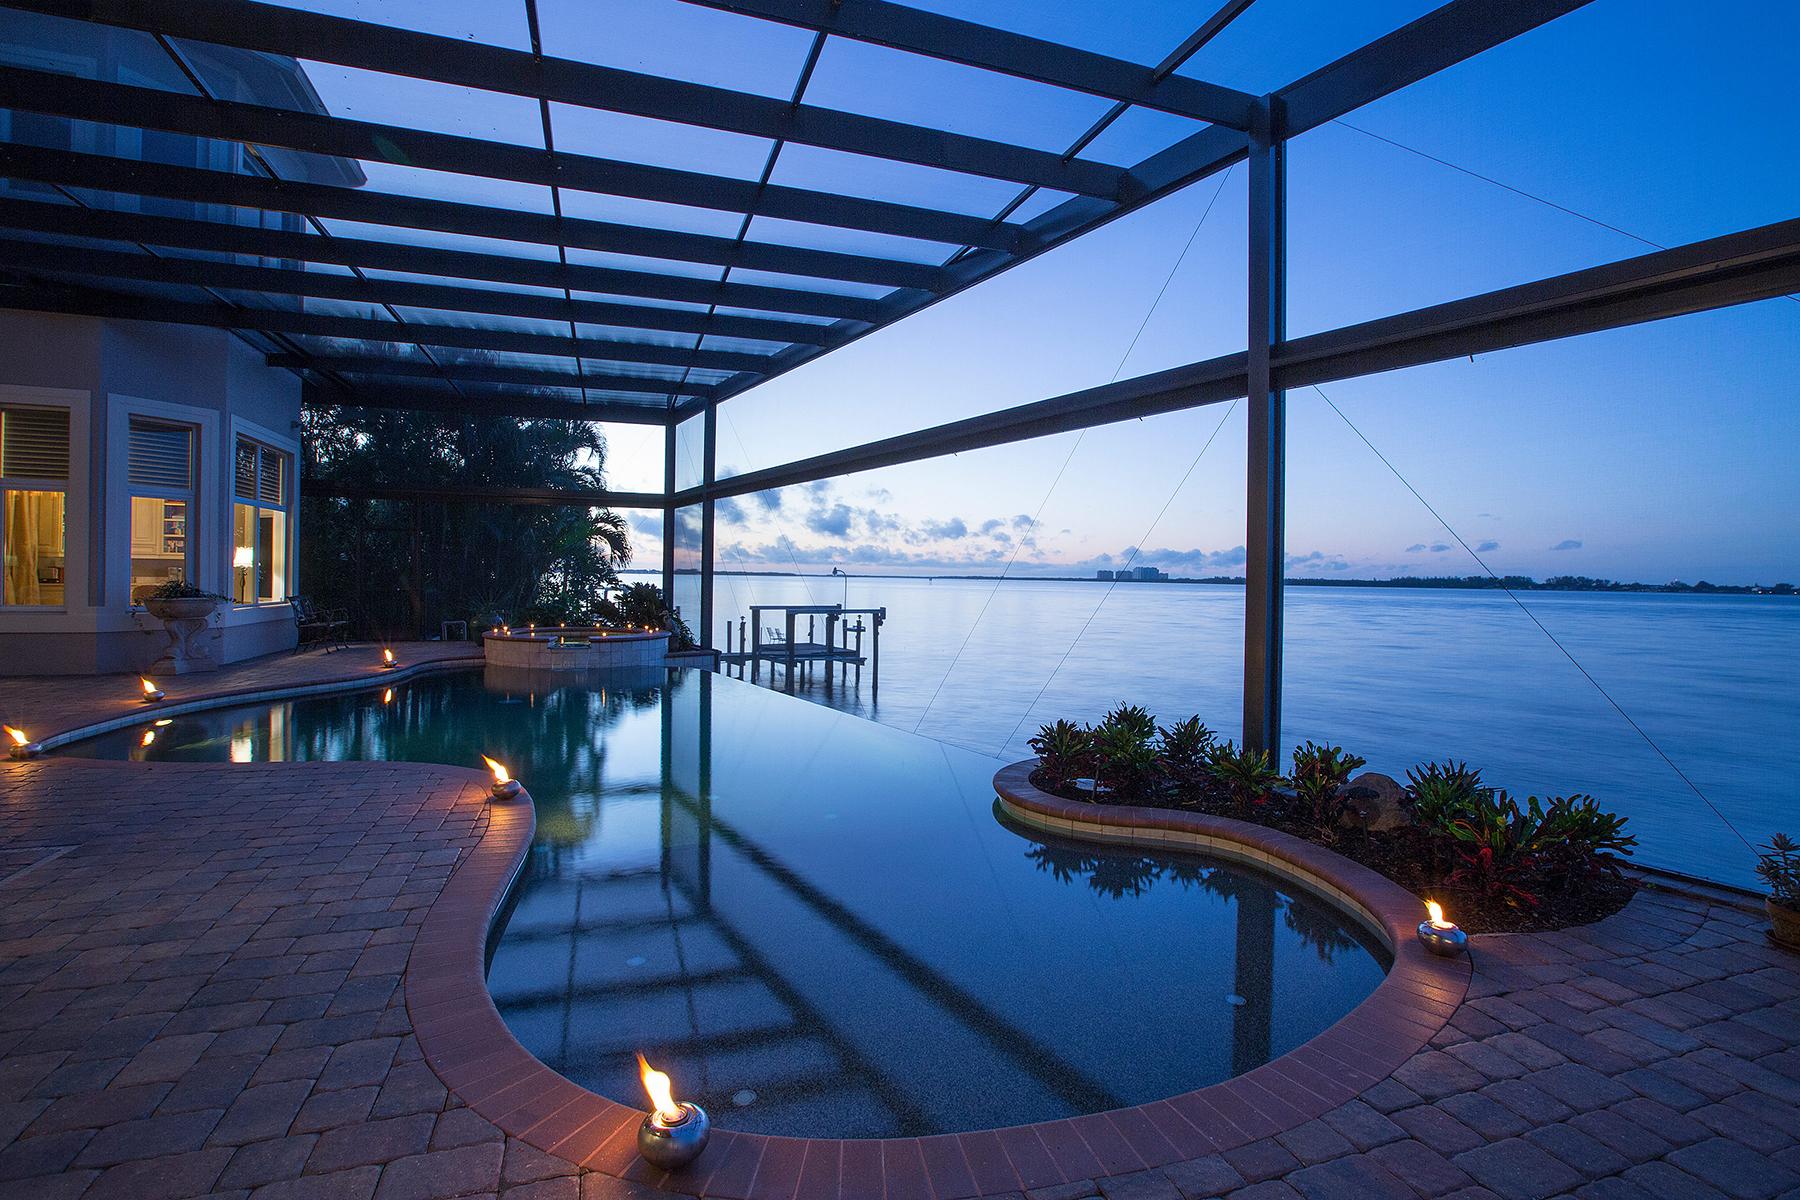 Moradia para Venda às Fort Myers 12718 Dennis Dr Fort Myers, Florida, 33908 Estados Unidos